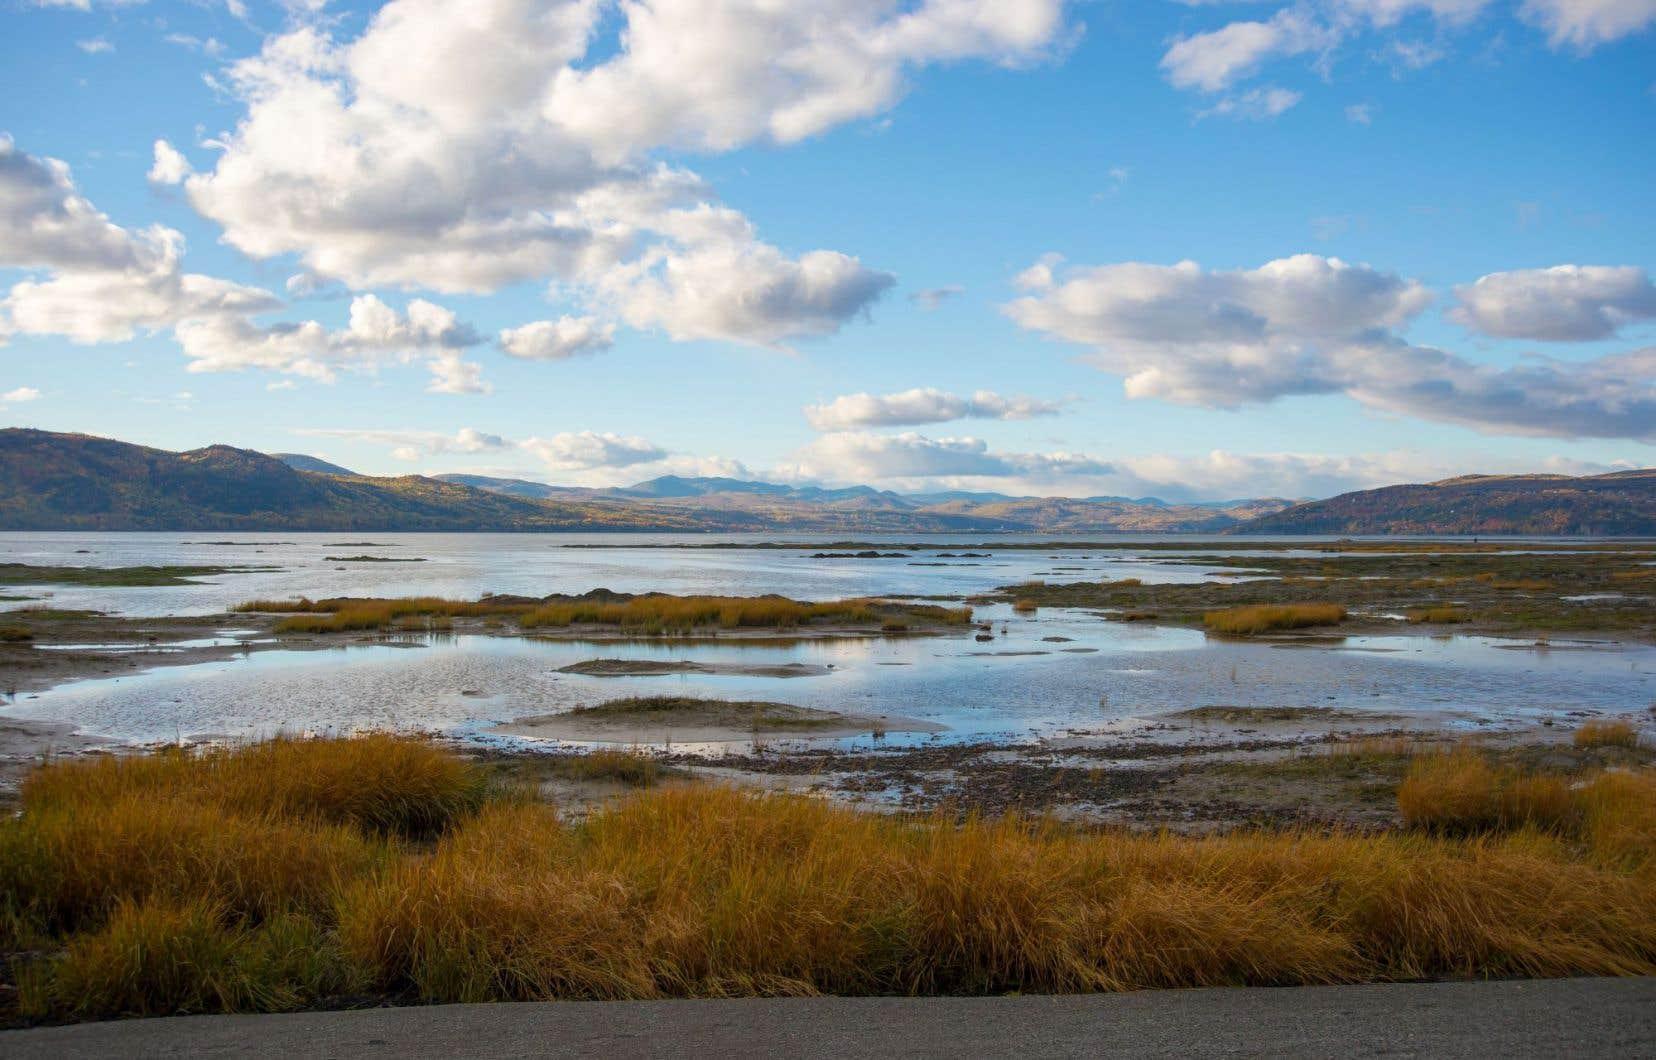 Le Québec compte un total de 101 territoires inscrits comme aire protégée, réserve de biodiversité, écologique ou aquatique « projetée », incluant cinq « réserves » de parc national.